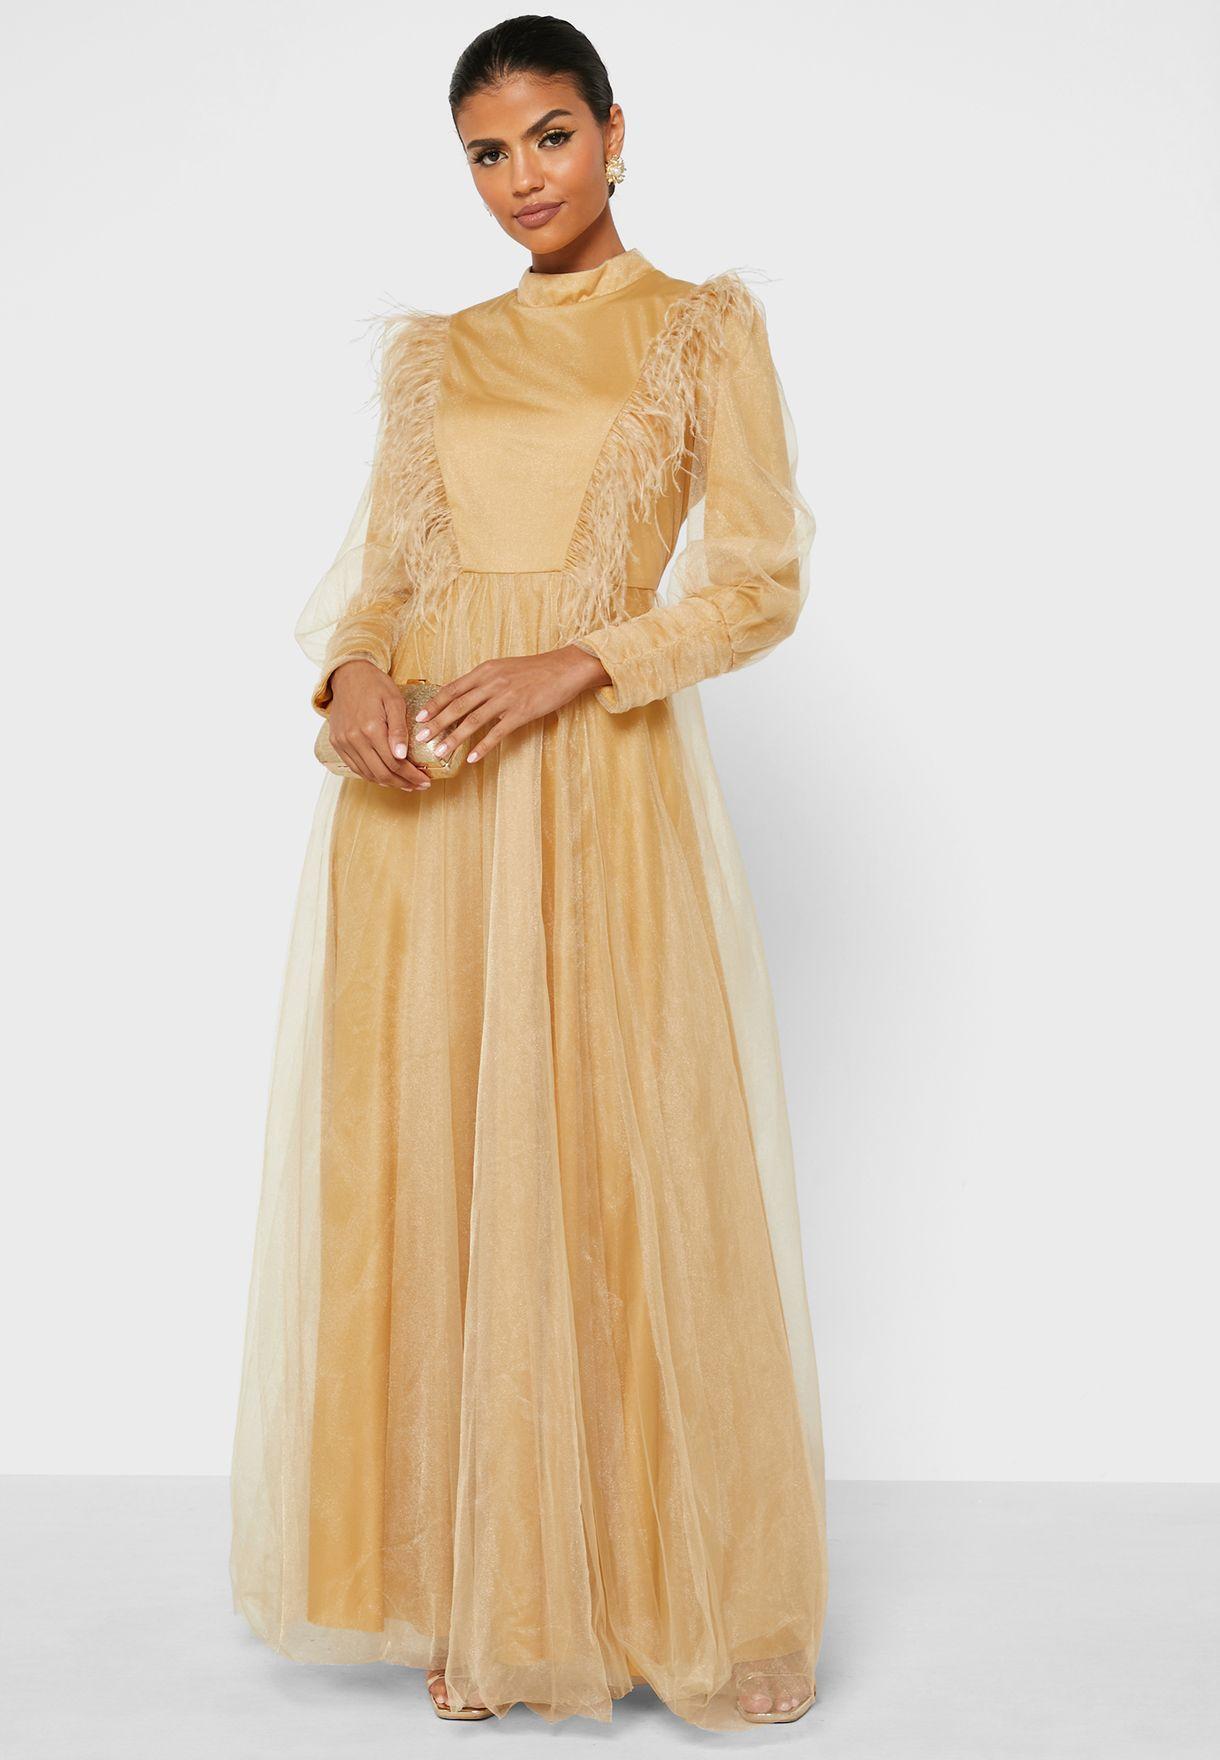 Feather Trim Tule Dress